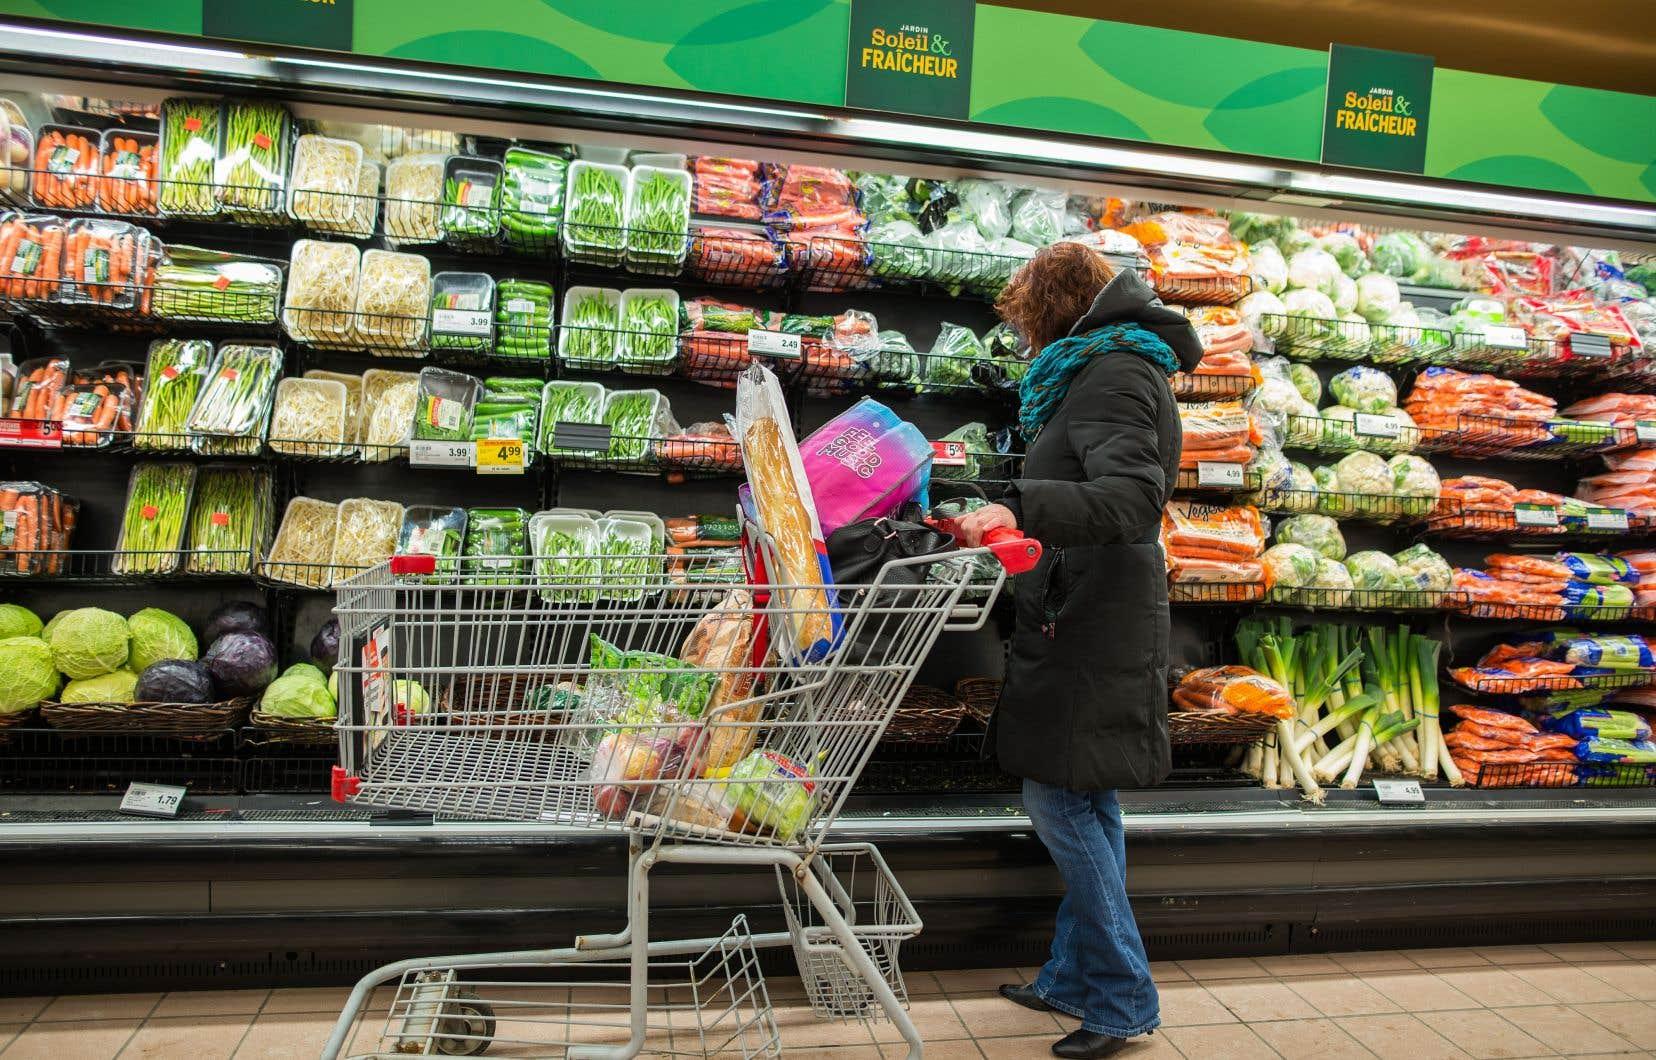 Les auteurs de l'étude ont constaté qu'une famille de quatre personnes, par exemple, pourrait économiser près de 7% sur sa facture annuelle d'épicerie.